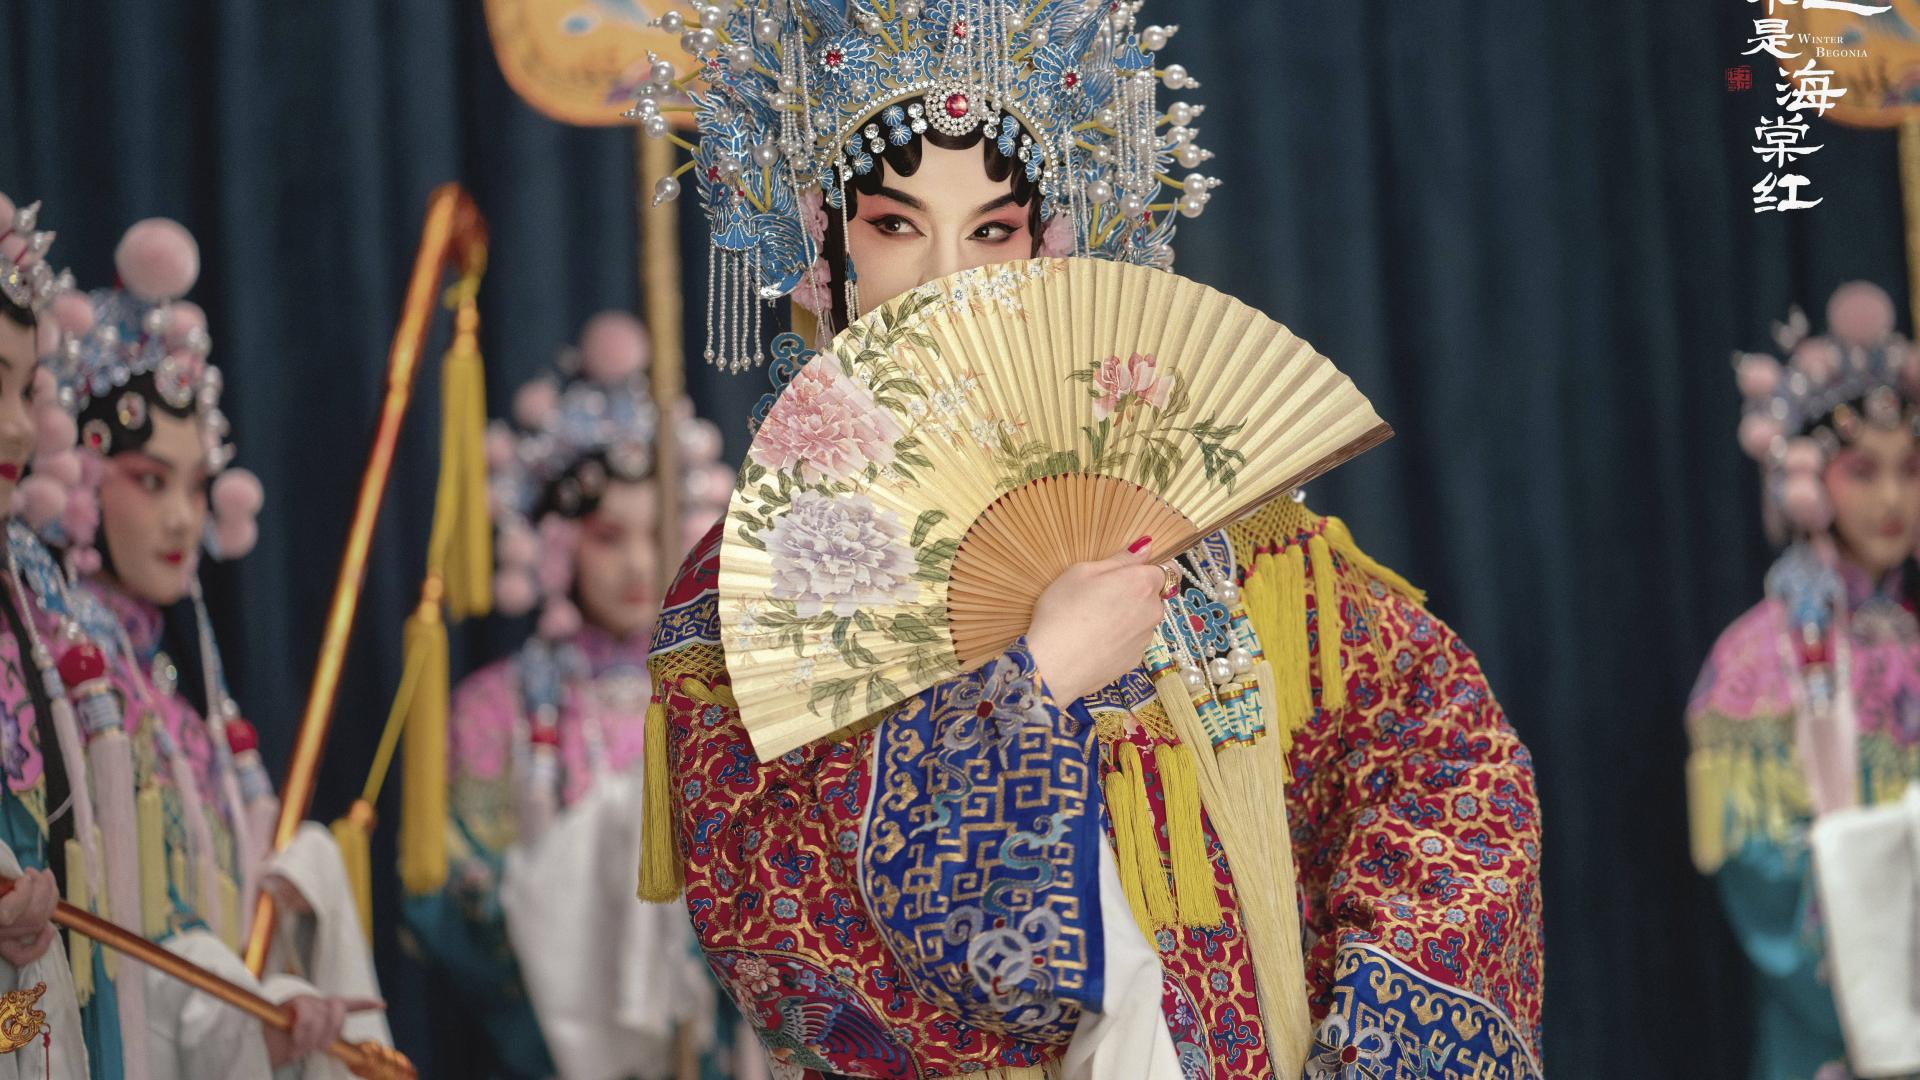 《鬓边不是海棠红》口碑输给《陈情令》,无关于演技,是因为年龄